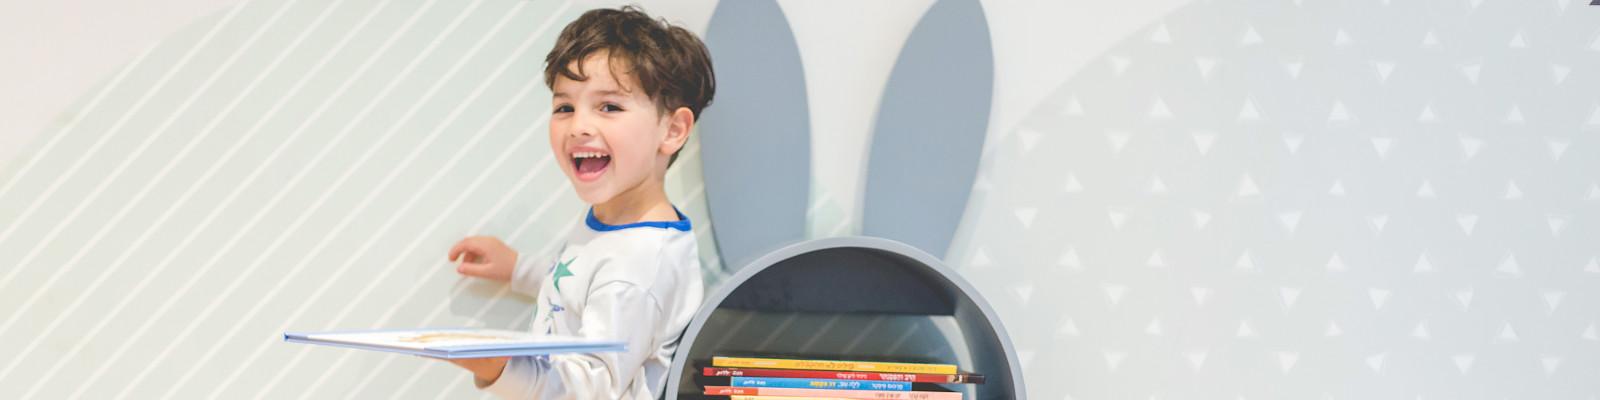 אגם הוצאה לאור ספרים מעולים ספרים מומלצים ספרי ילדים